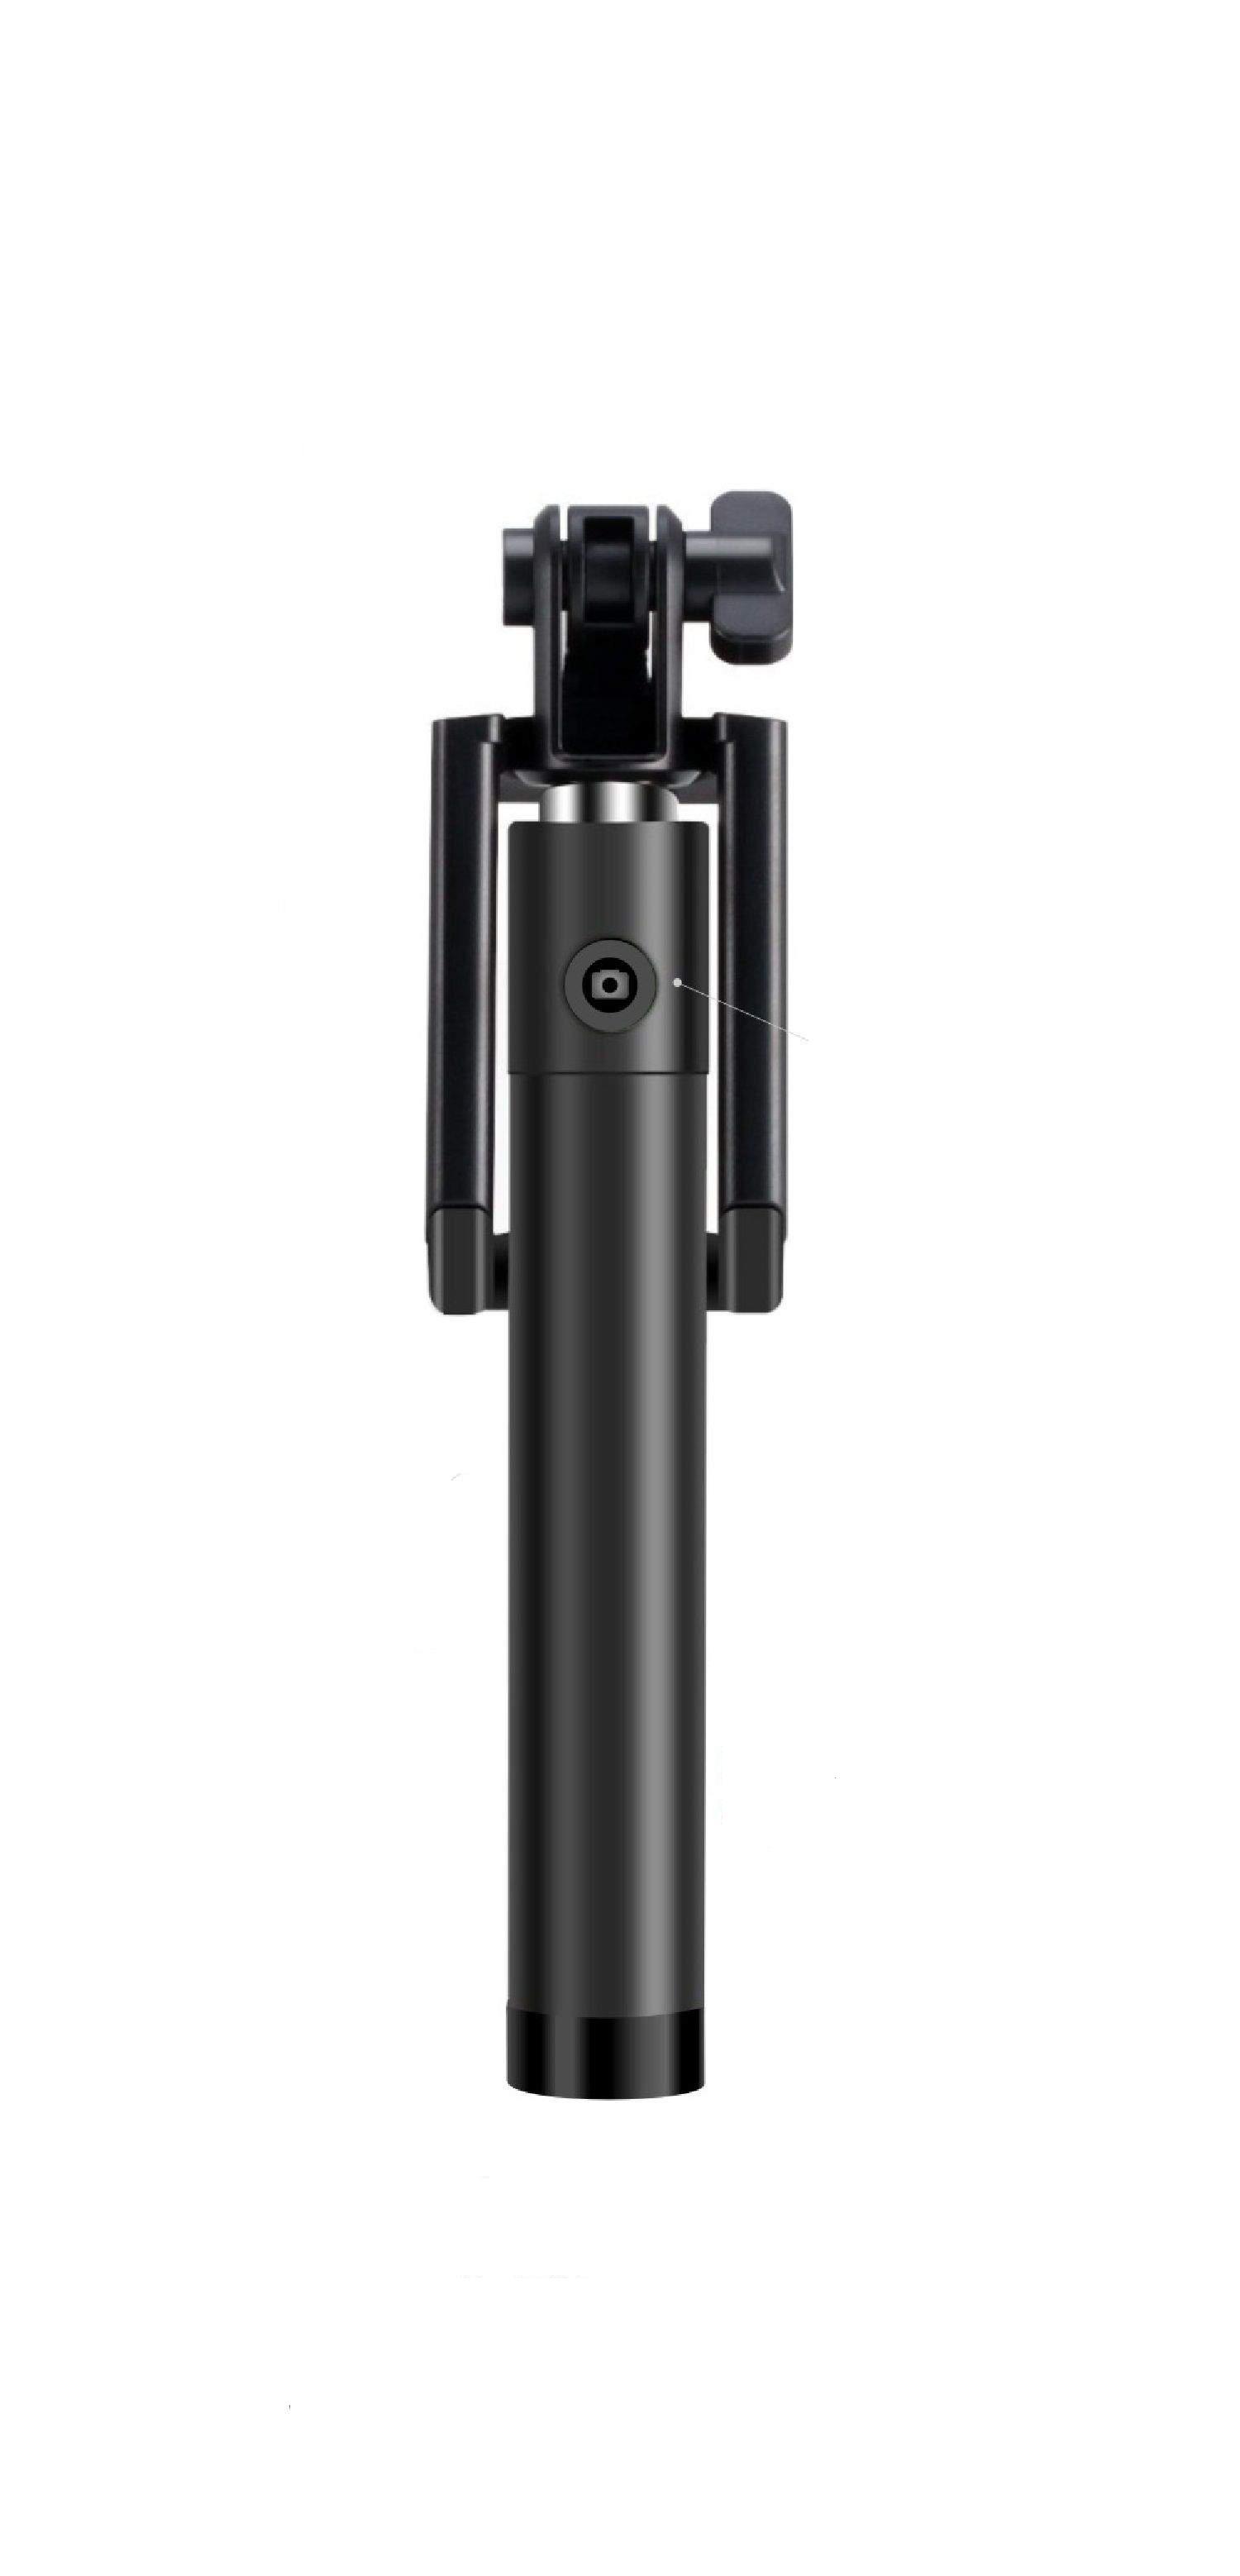 Selfie tyč pro iPhone - SWISSTEN, WIRED SELFIE STICK